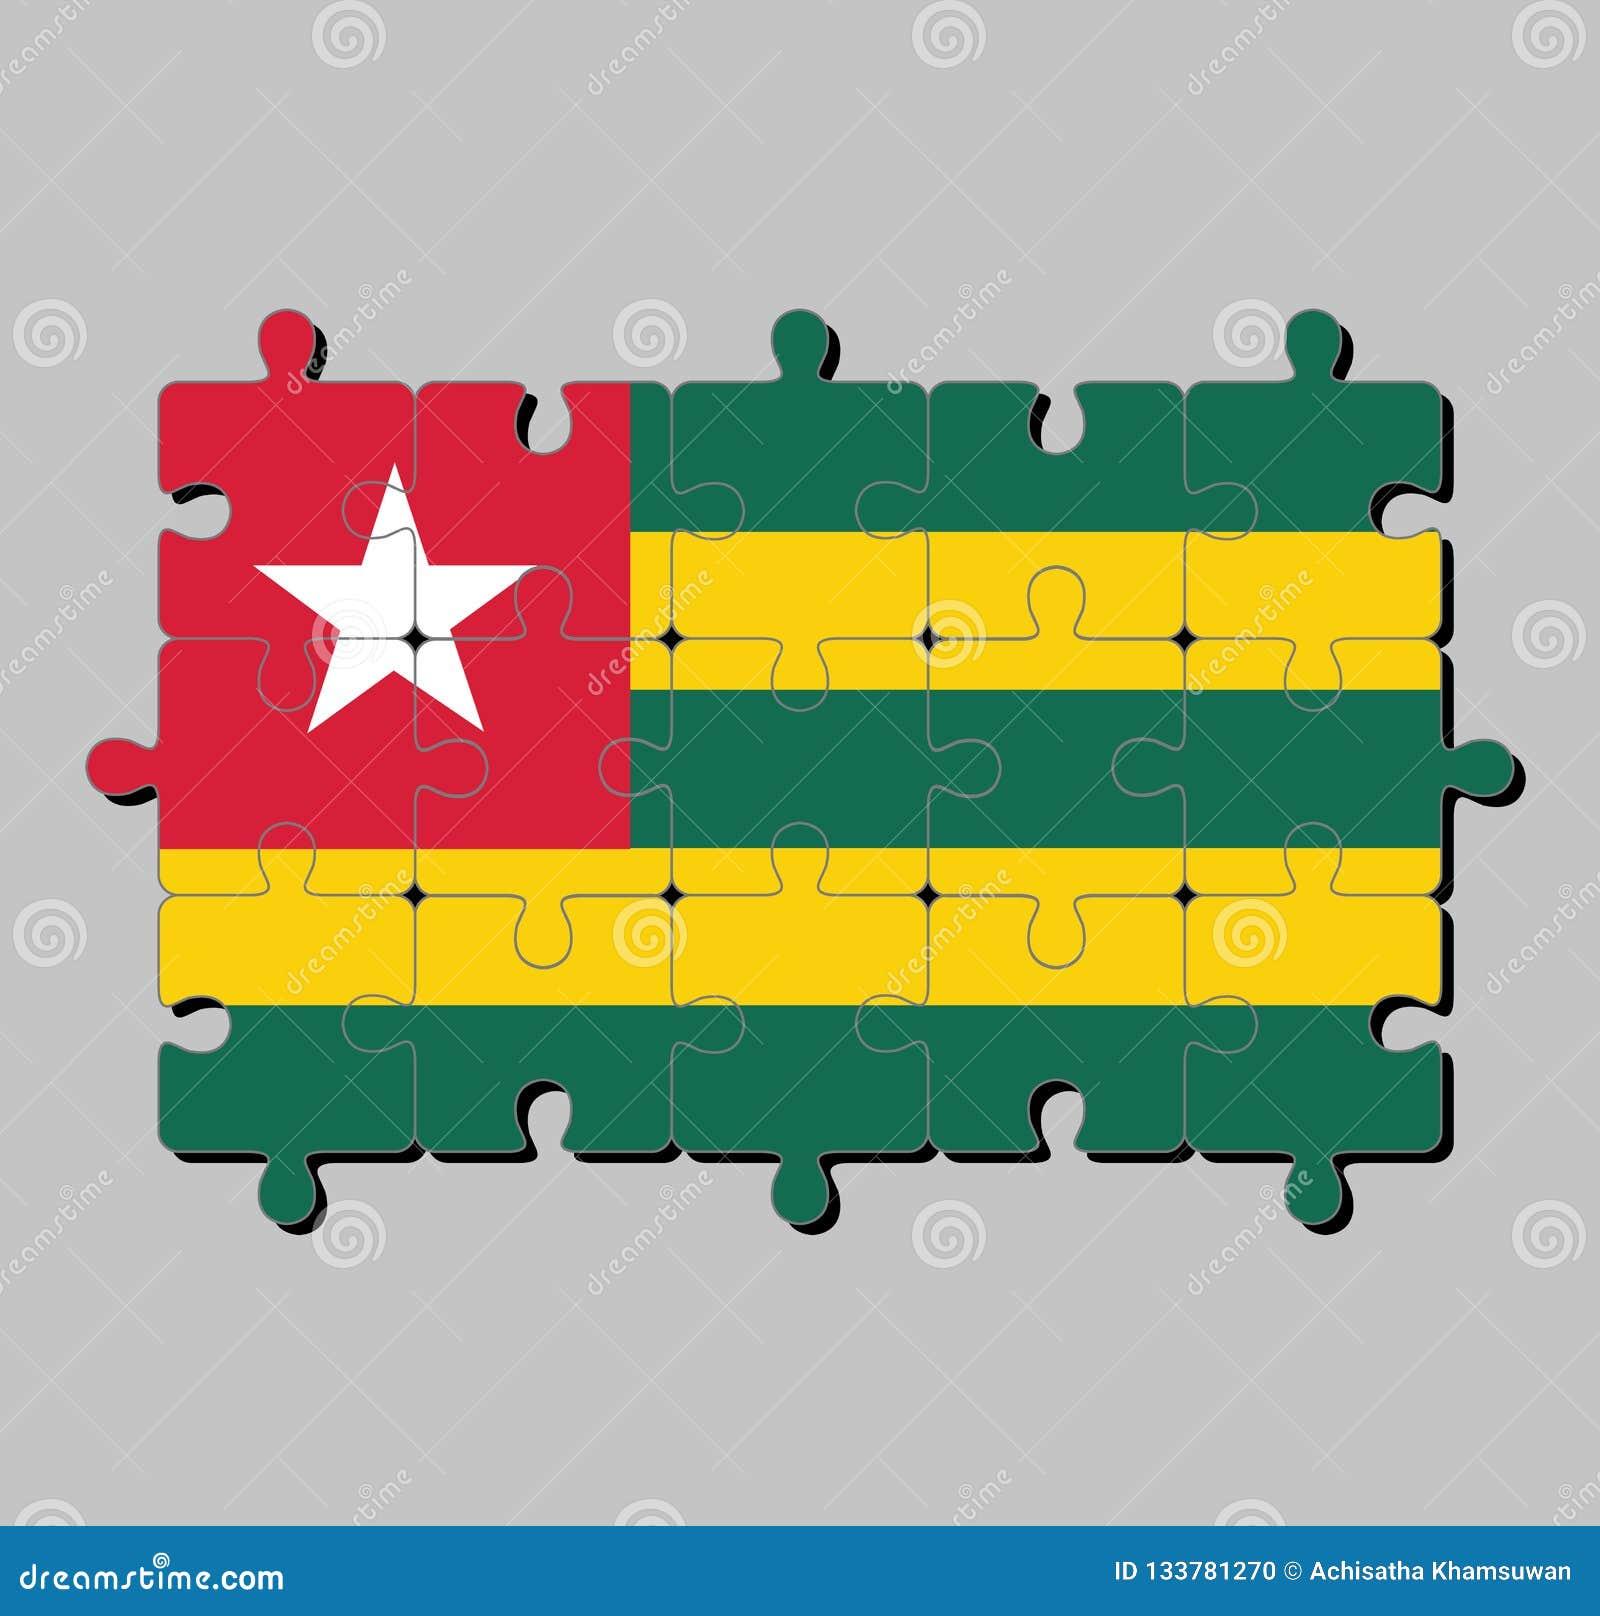 多哥旗子拼图在交替与黄色的绿色五条相等的水平的带的;当一个红色小行政区负担一个白色星